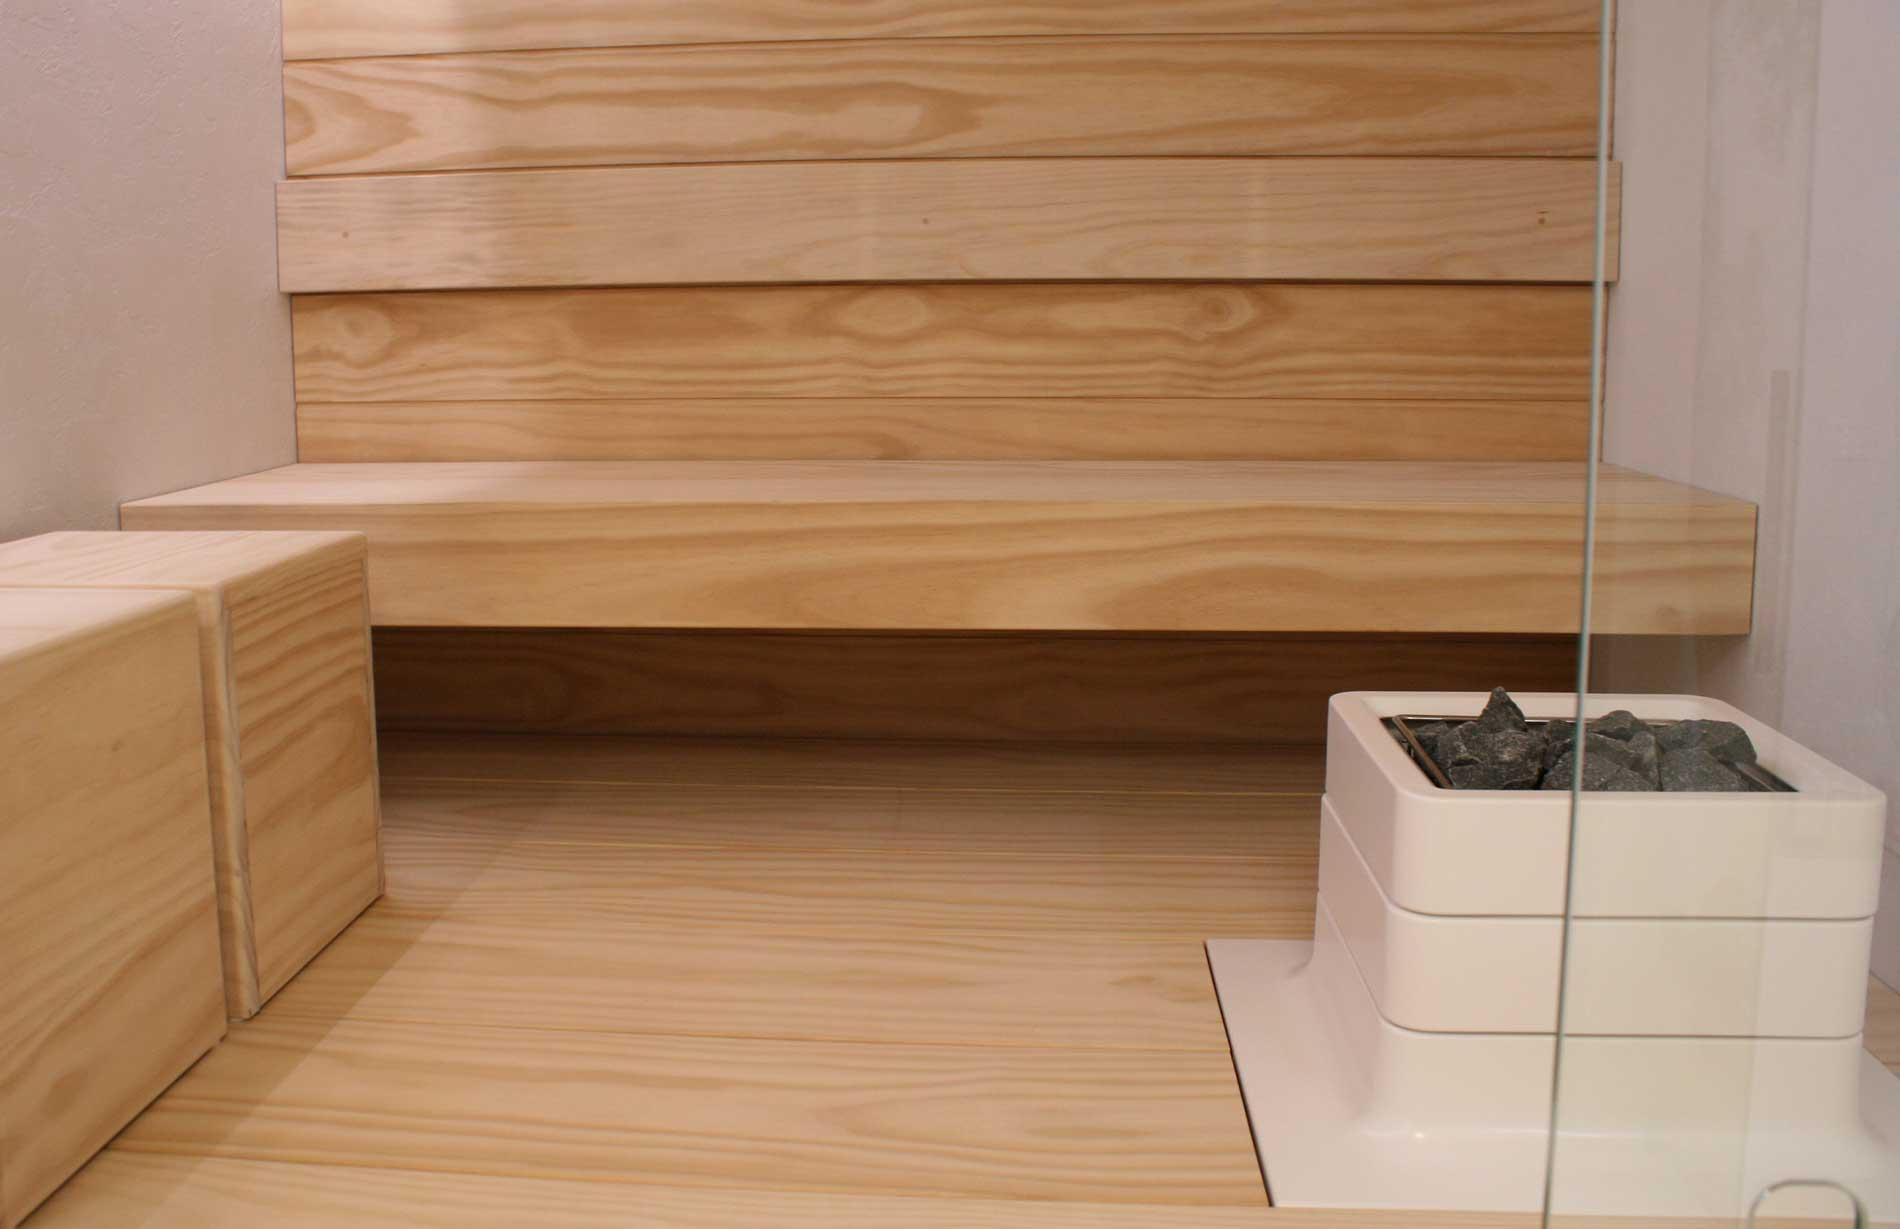 Accoyasta tehdyt lauteet saunassa sekä saunajakkarat